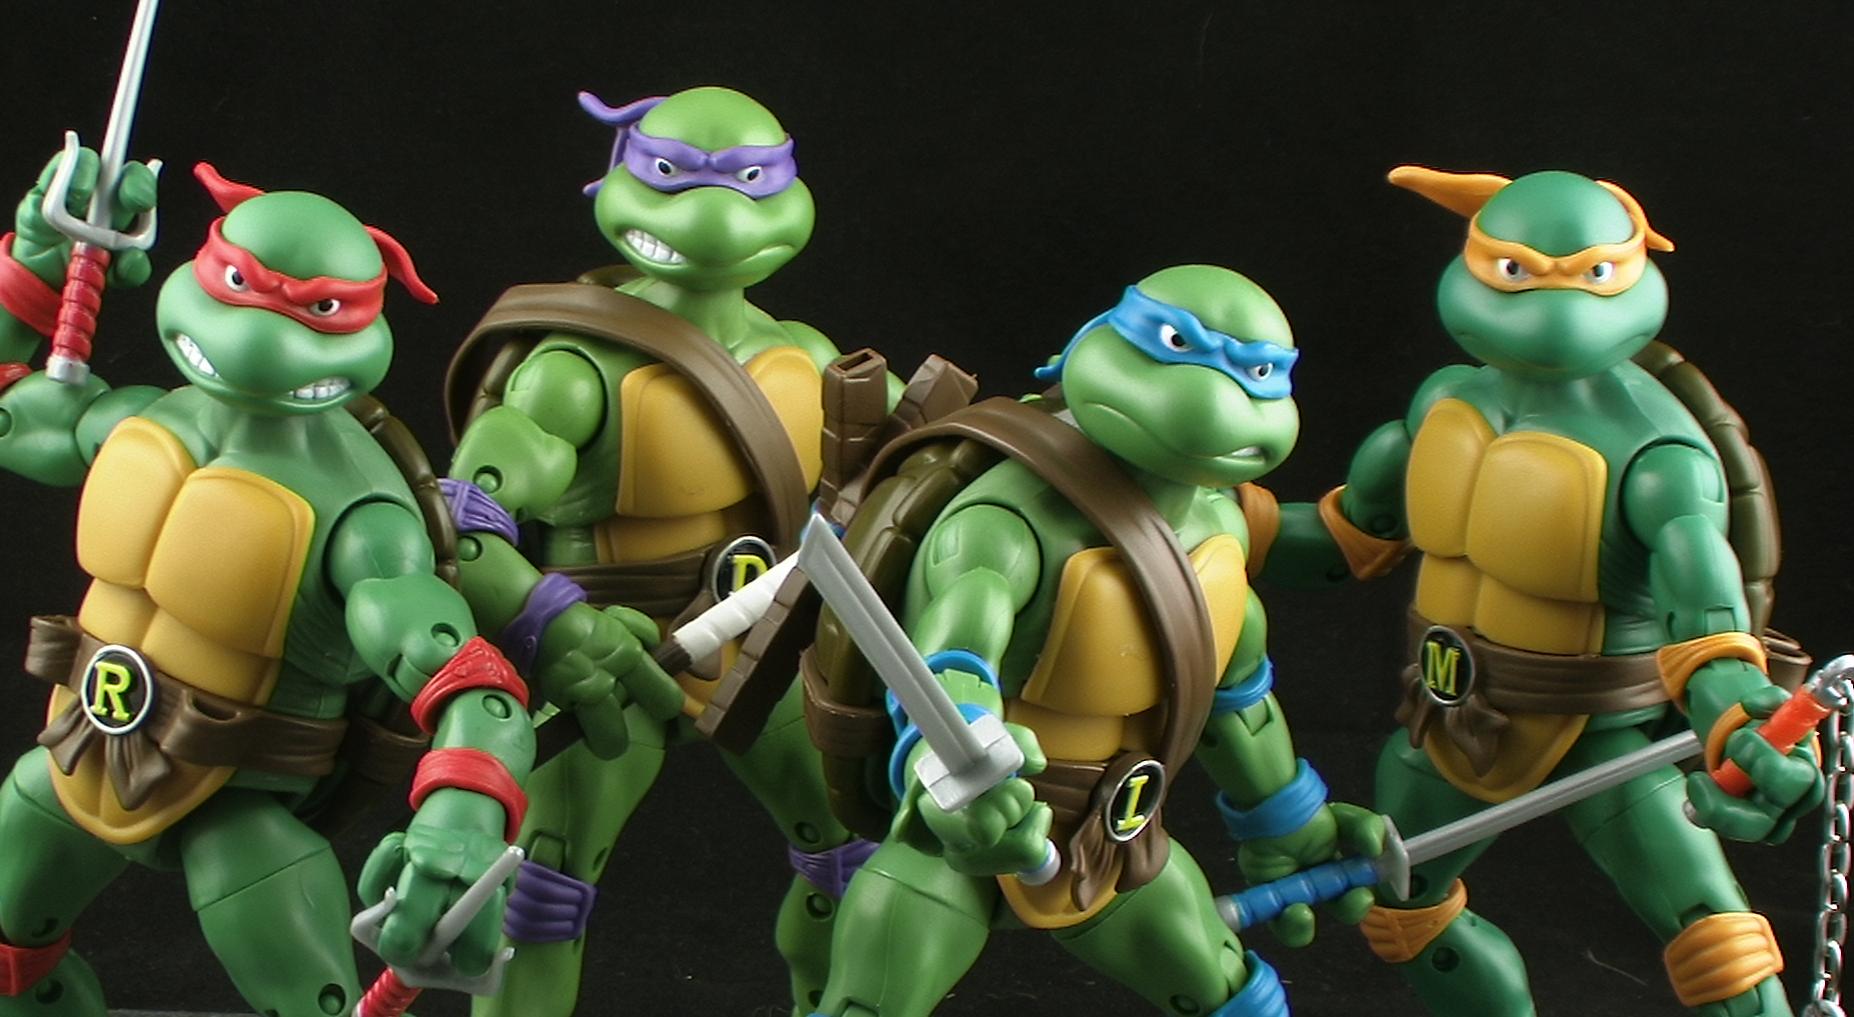 ICXM.net - Teenage Mutant Ninja Turtles game artwork leaked